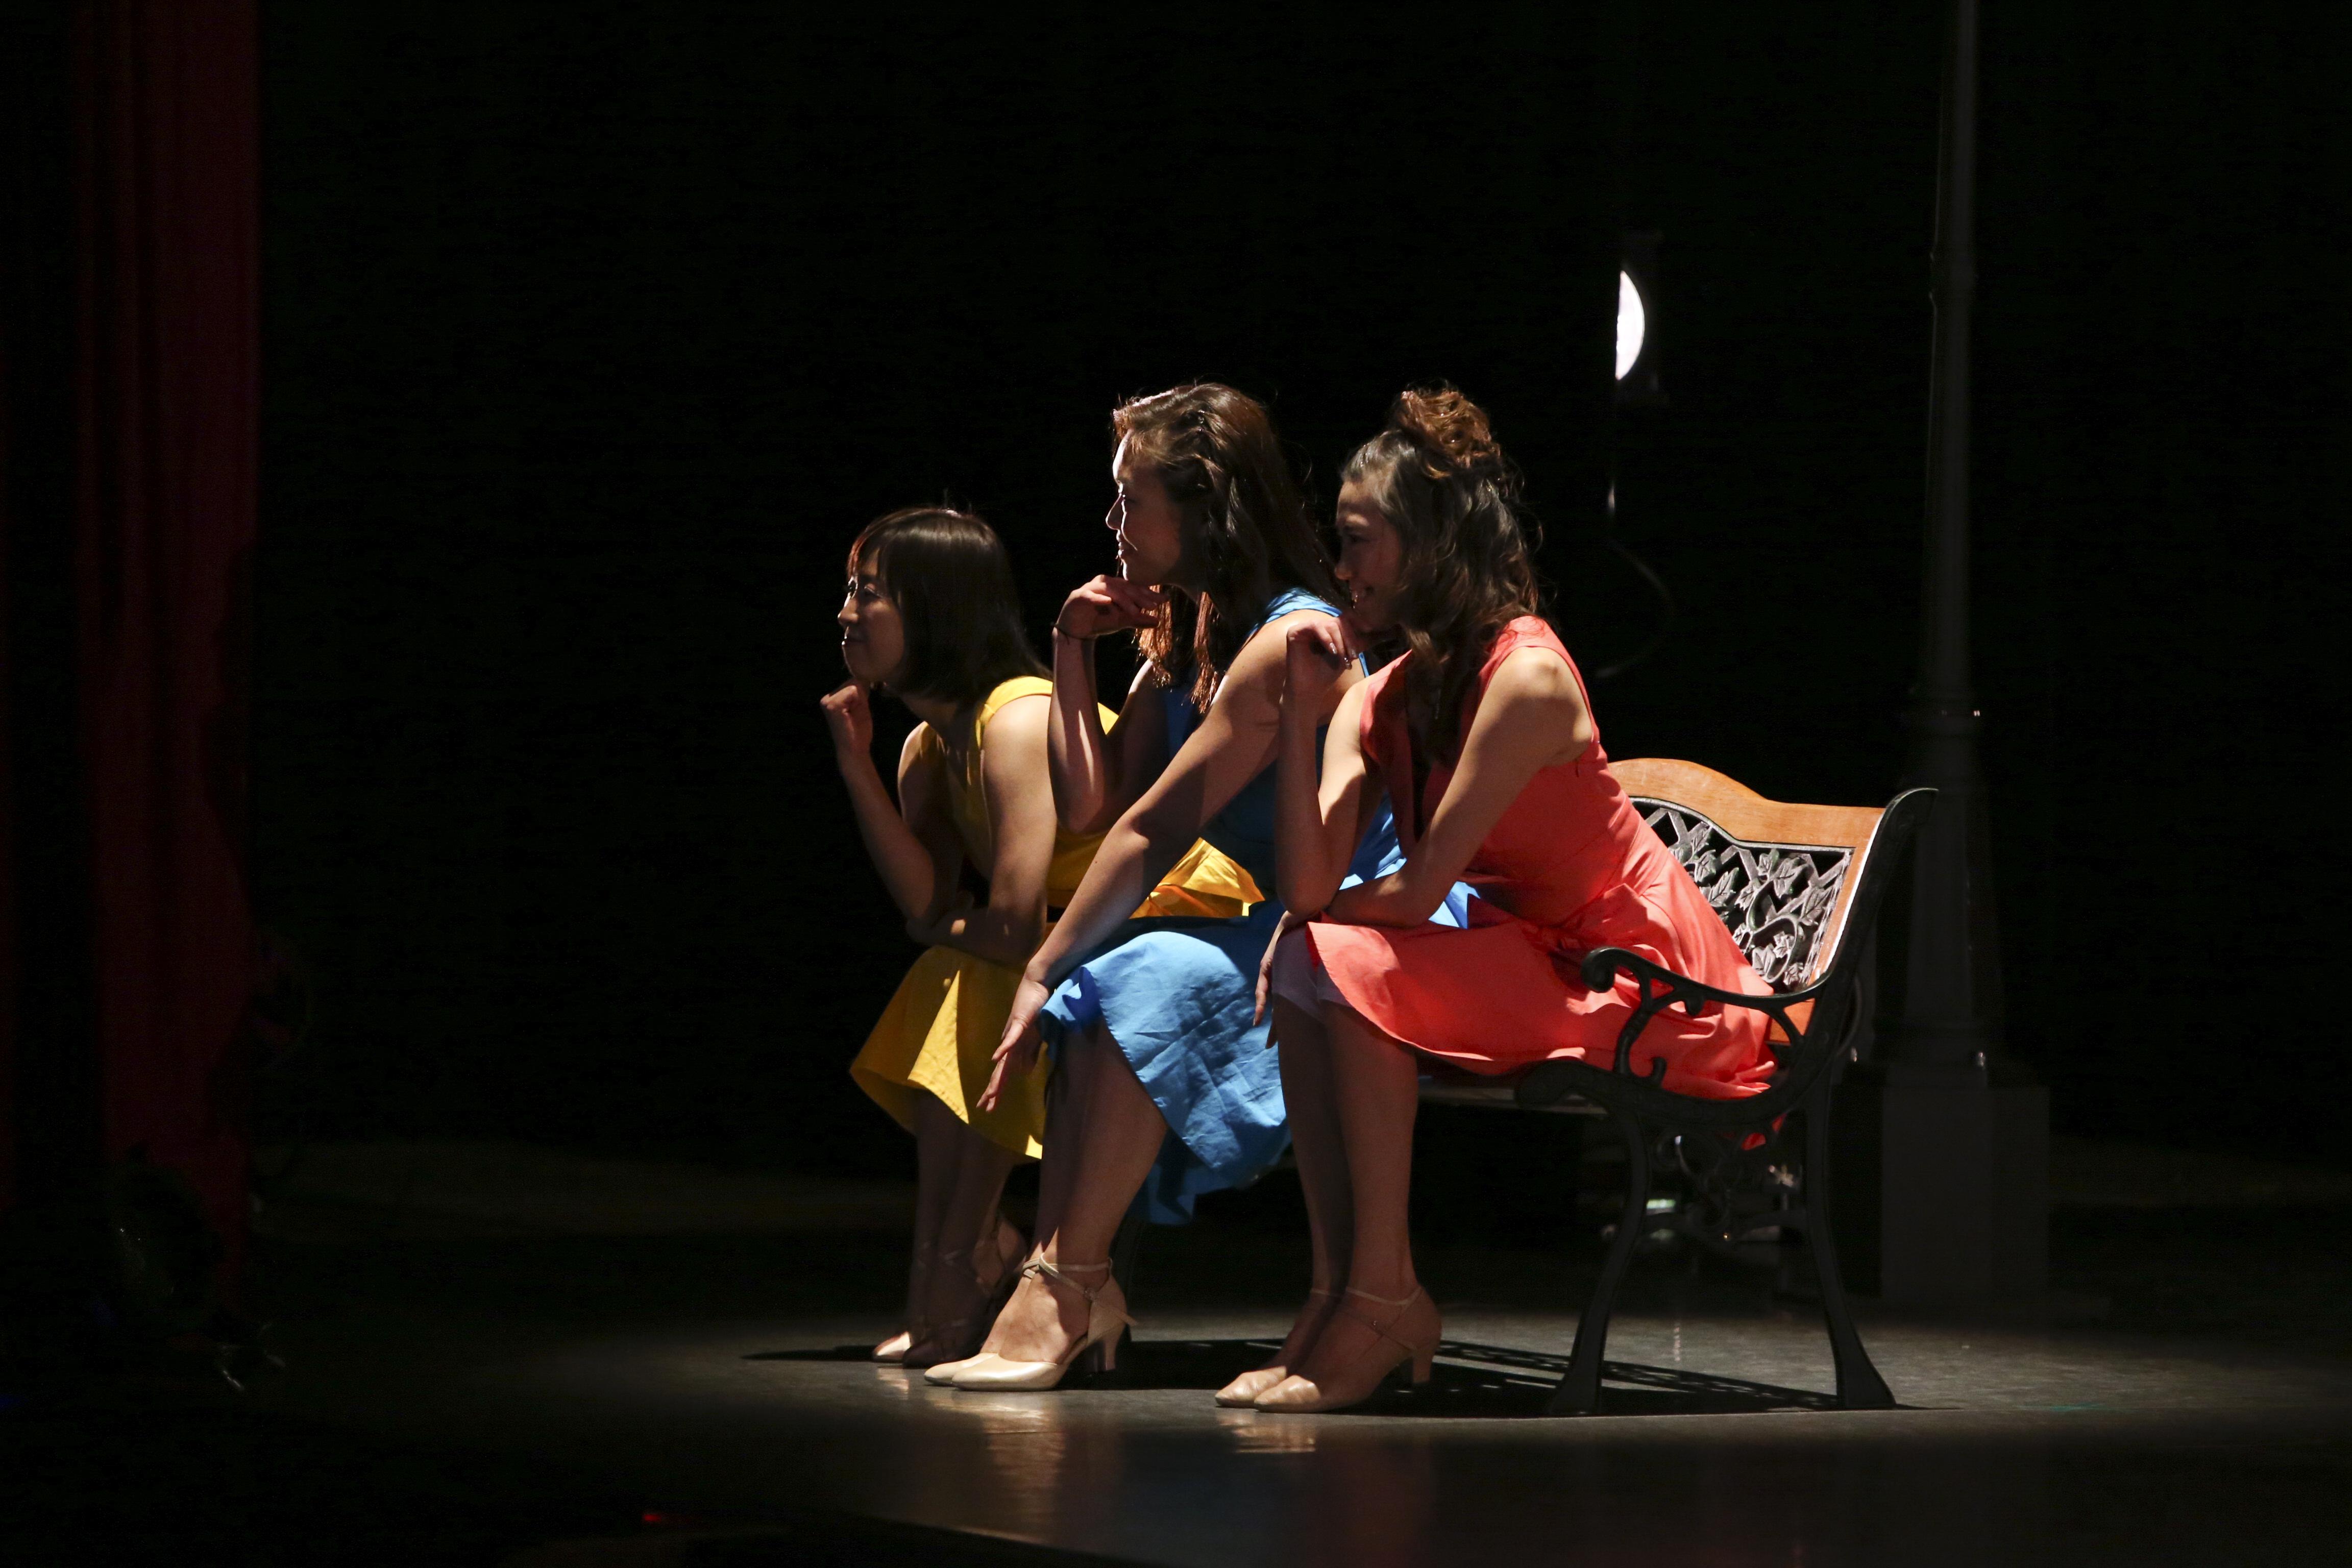 水曜日 大人JAZZダンス・キッズダンス (ララランド)